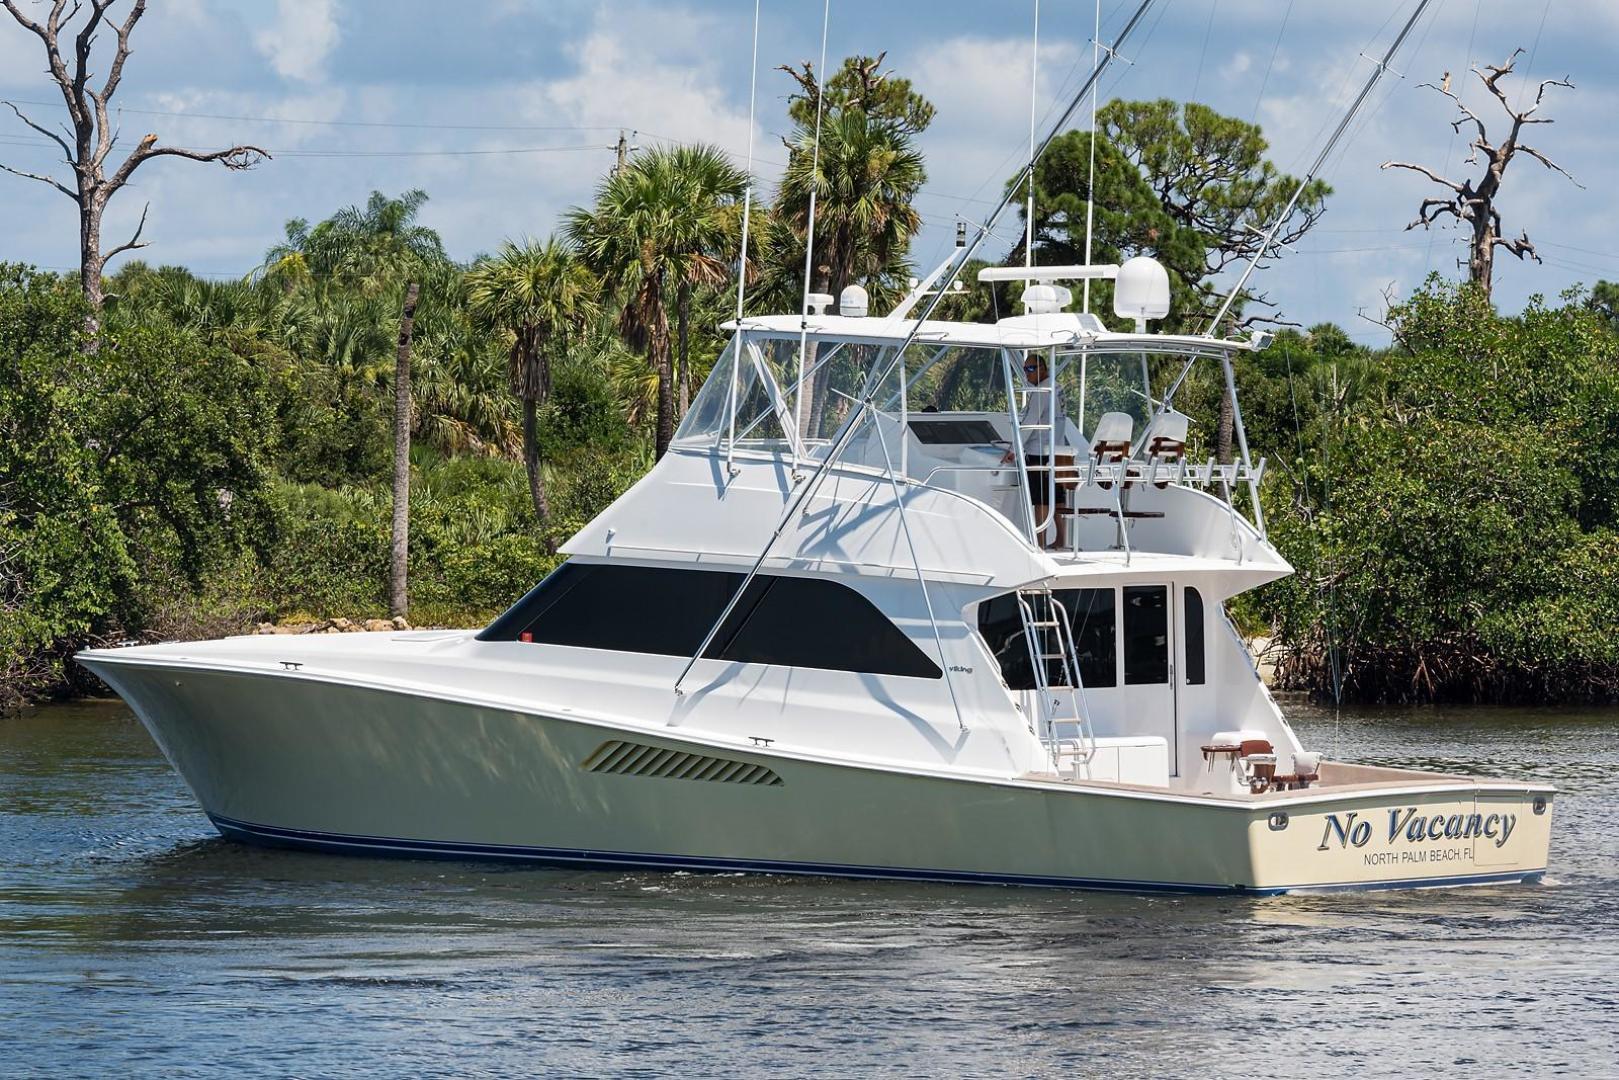 Viking-Convertible 2001-No Vacancy Palm Beach Gardens-Florida-United States-No Vacancy-1499910 | Thumbnail